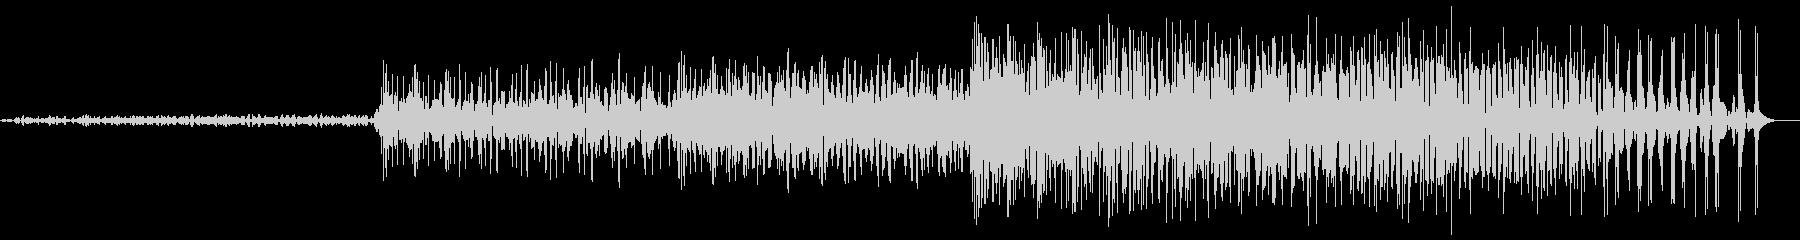 パワーバンパーの未再生の波形